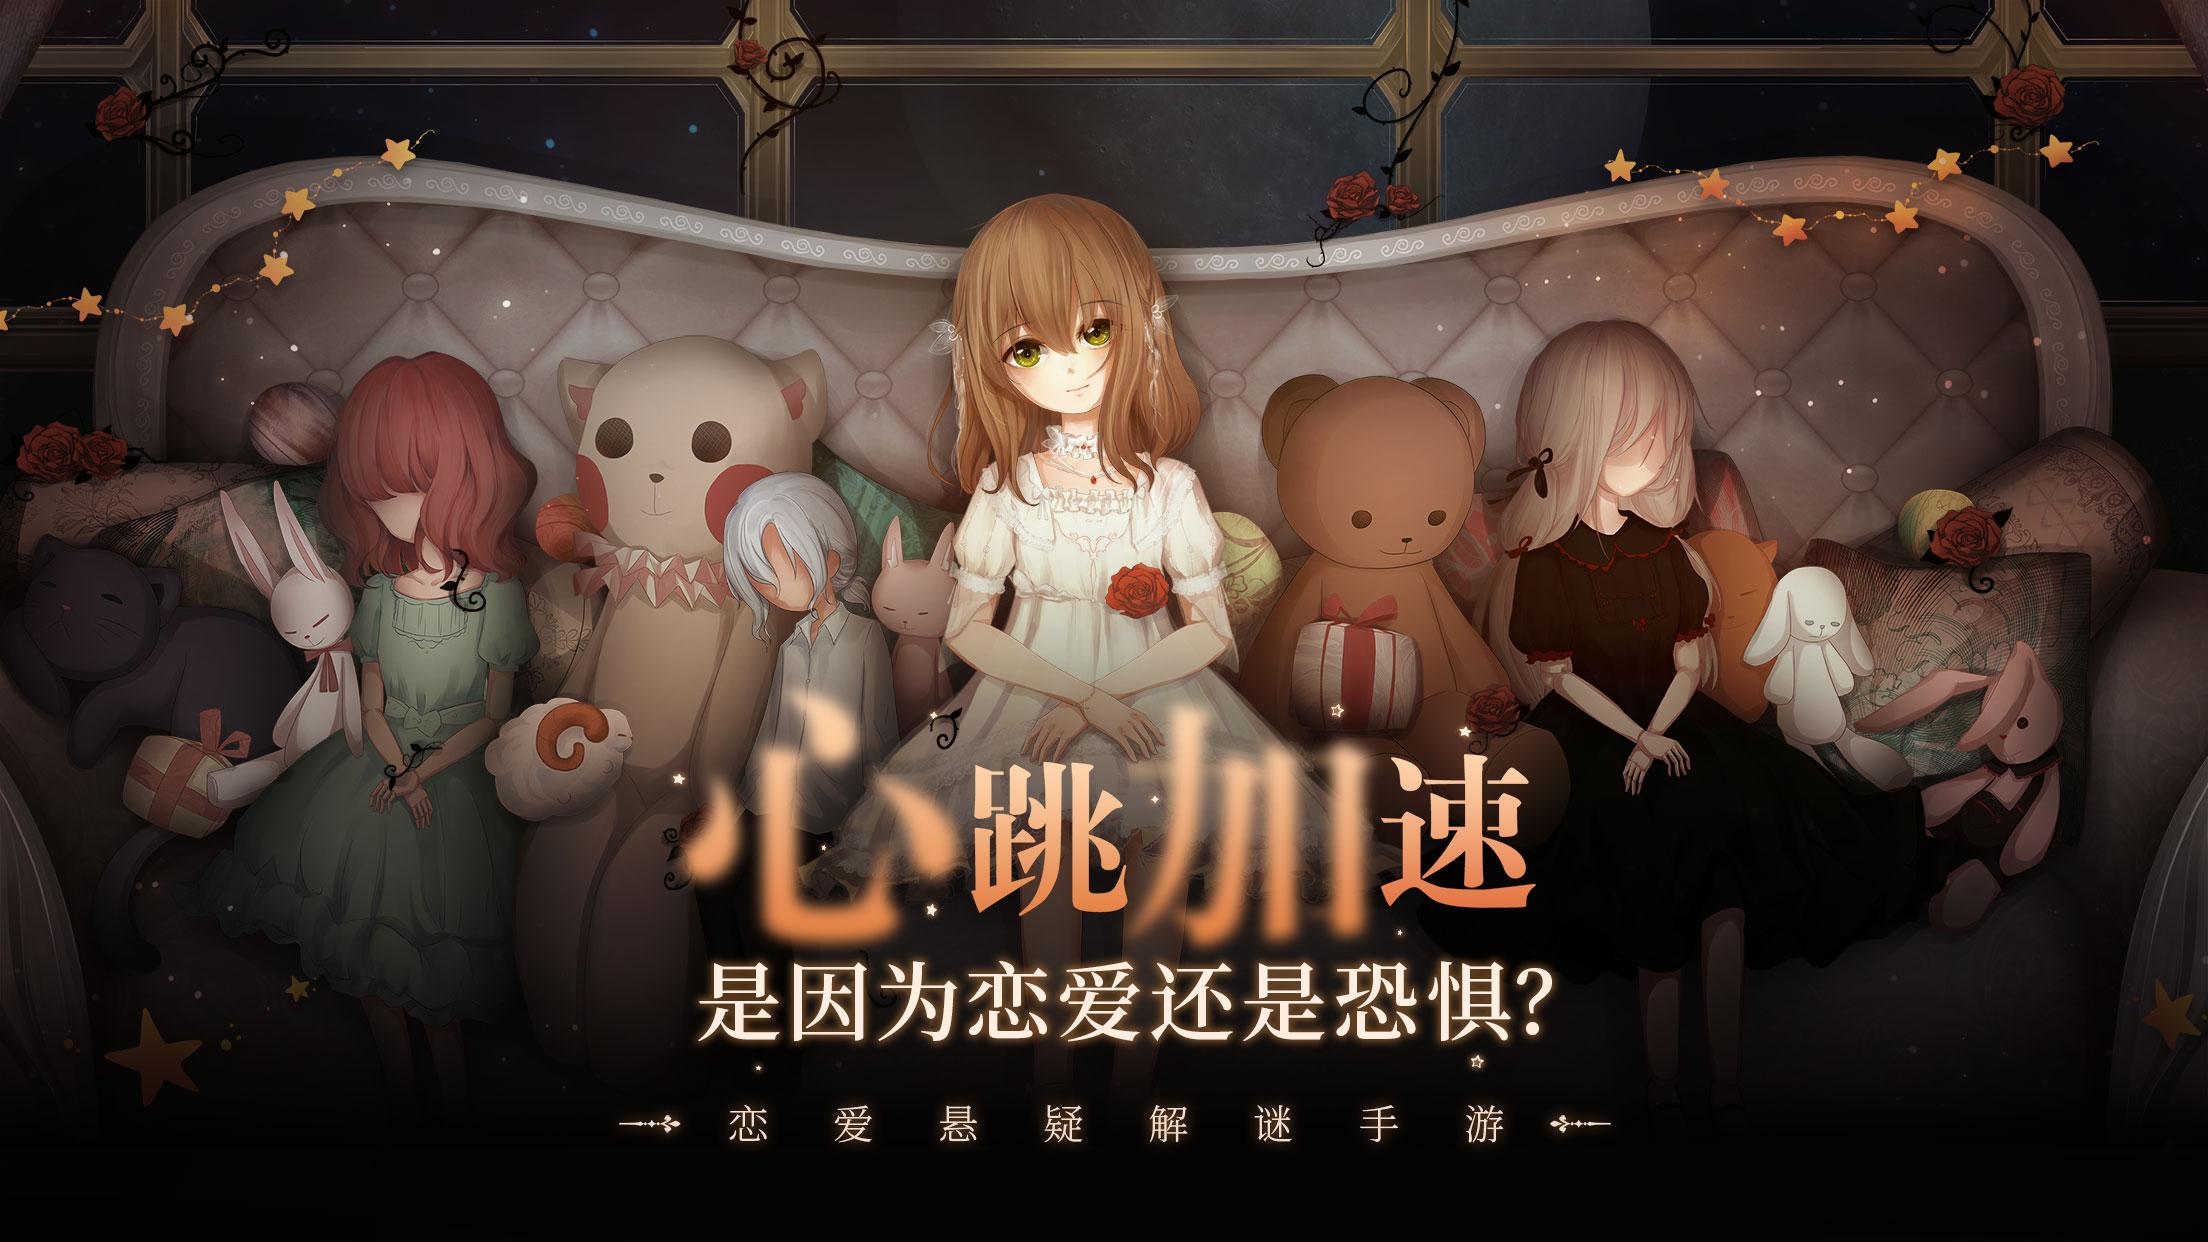 Screenshot 1: 人偶馆绮幻夜